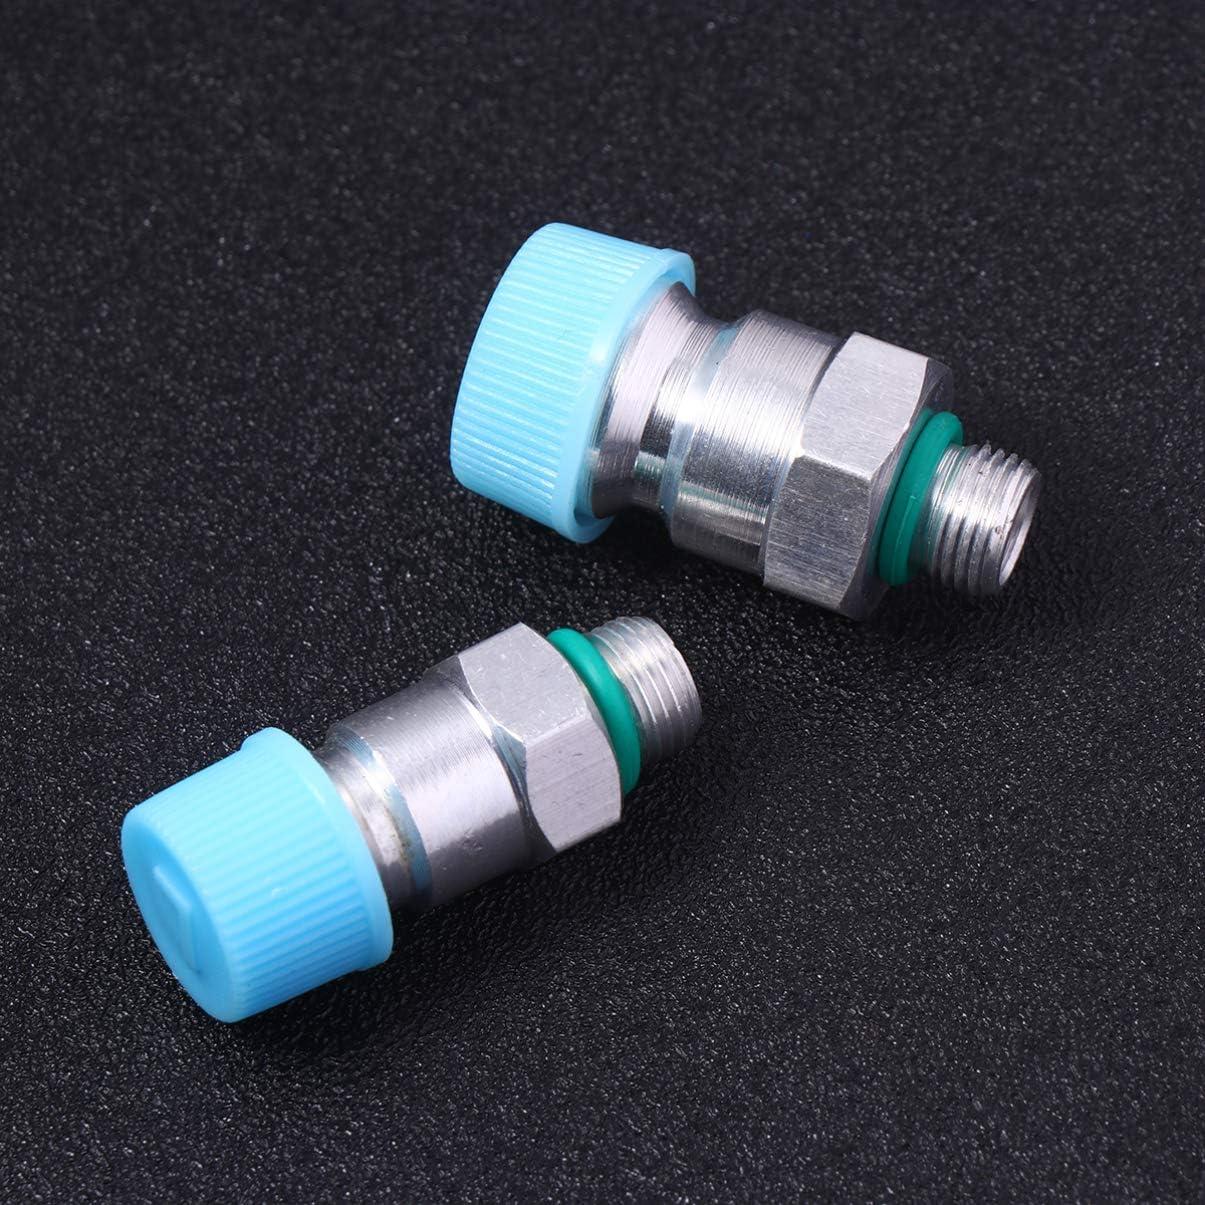 Wakauto 2 Pcs Moteur Tech R/églable R134A Adaptateur Raccords Attache Rapide Haute Faible AC Fr/éon Manom/ètre Collecteur Jauge Kit De Conversion De Tuyau